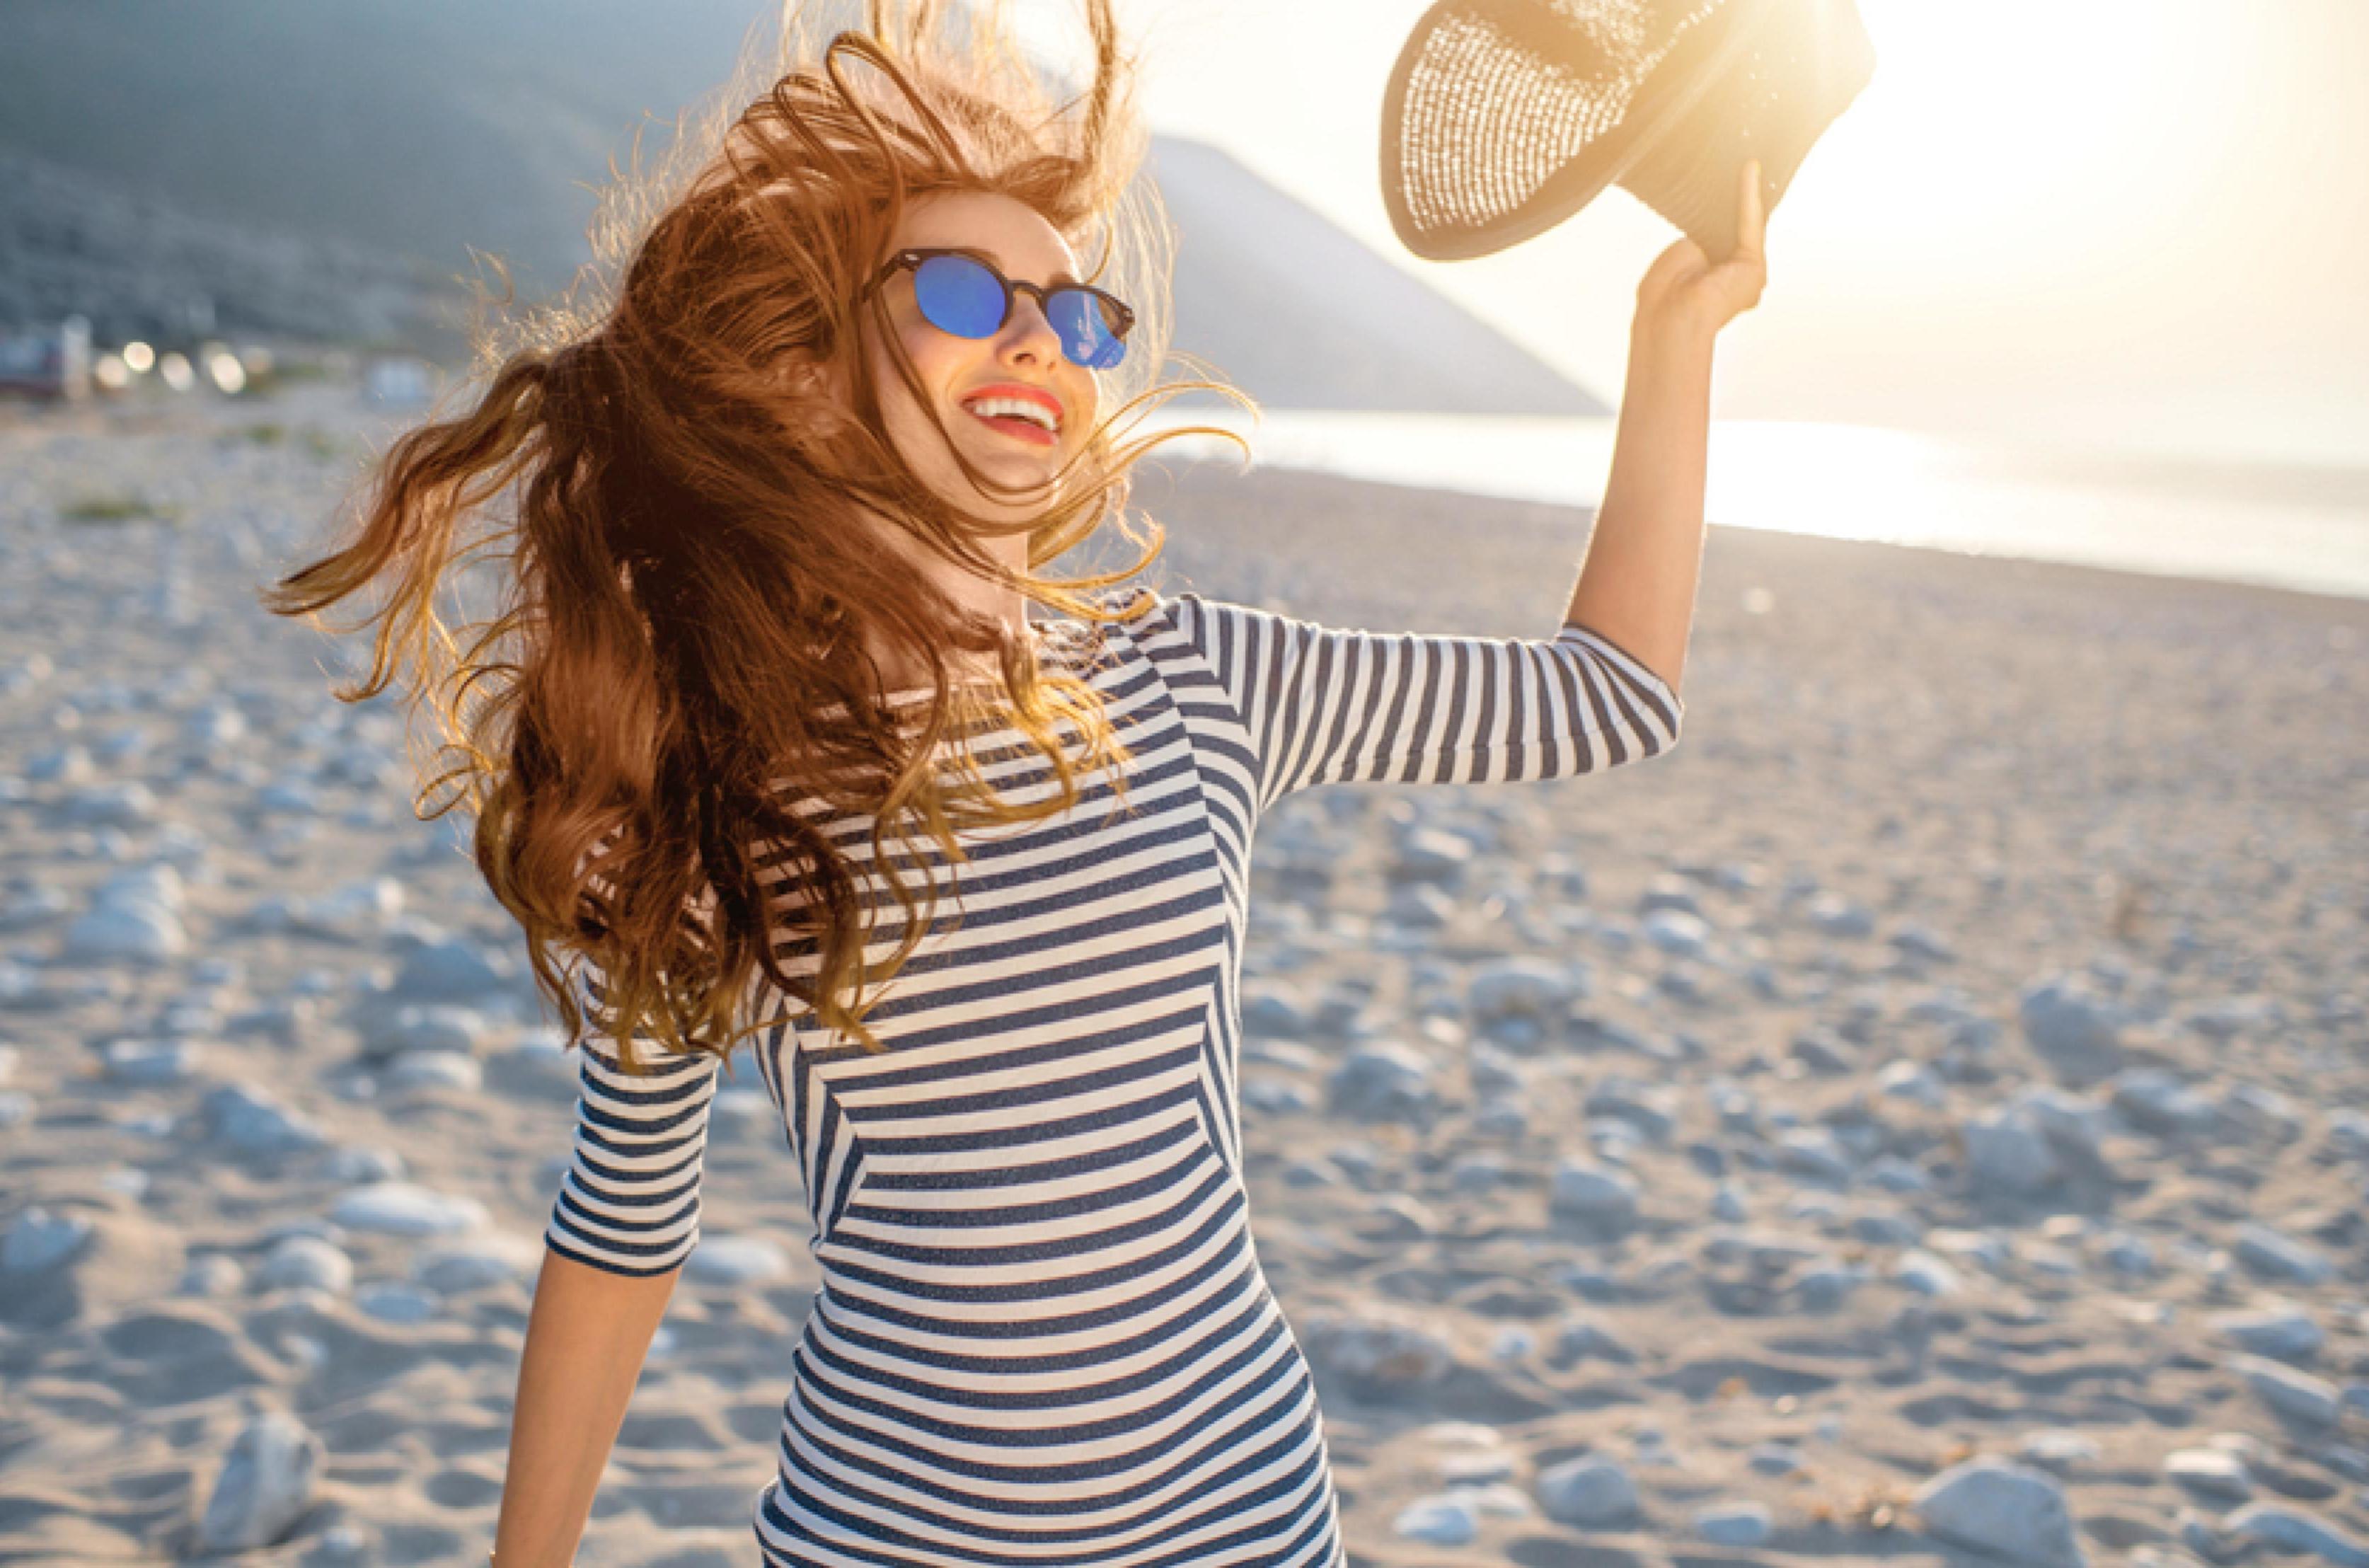 Haarpflegeprodukte regelmäßig im Sommer verwenden